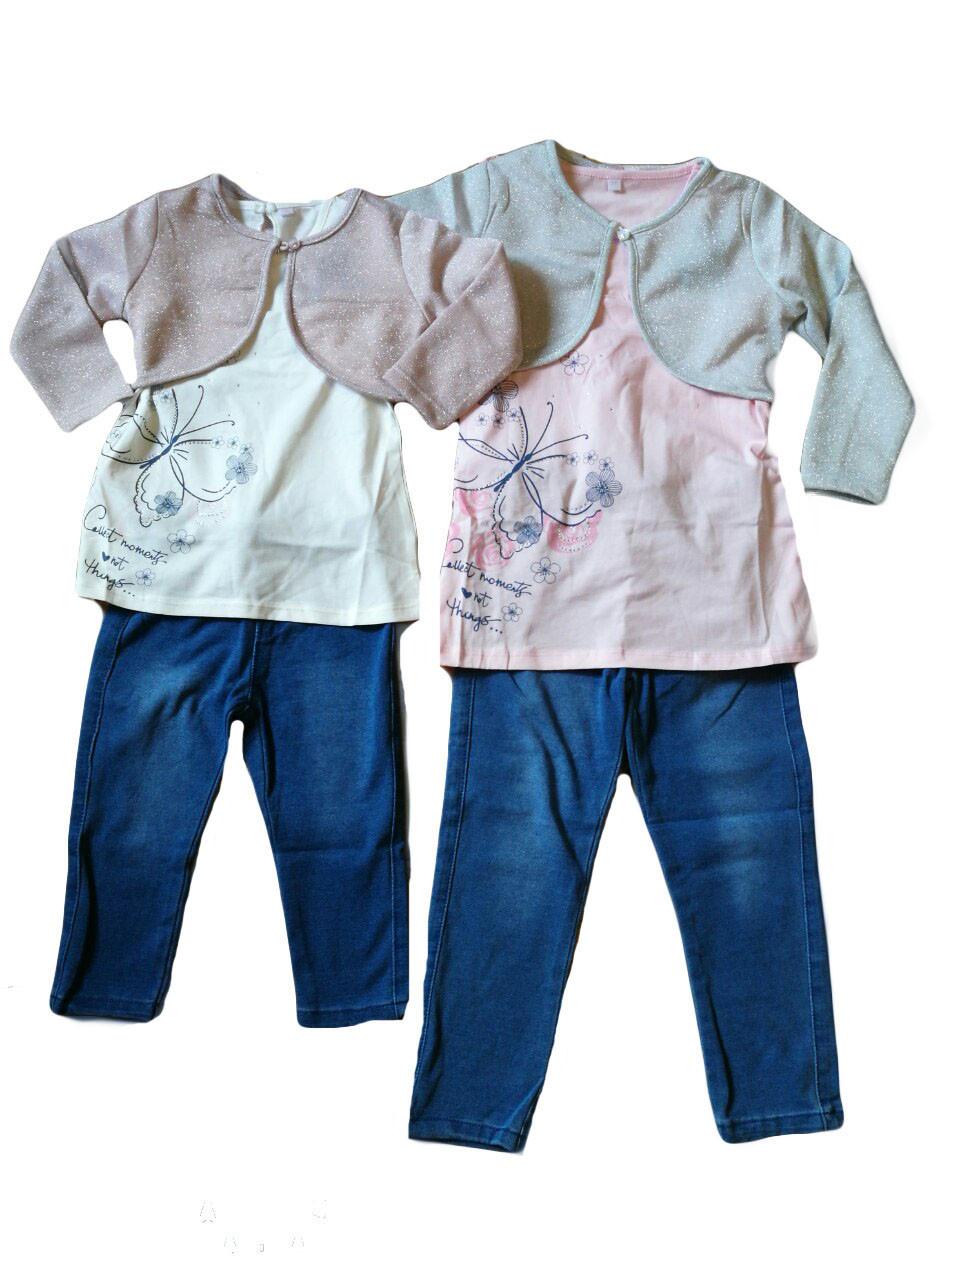 Комплекты для девочки, размеры 1-5 лет, Emma Girls, арт. 7884